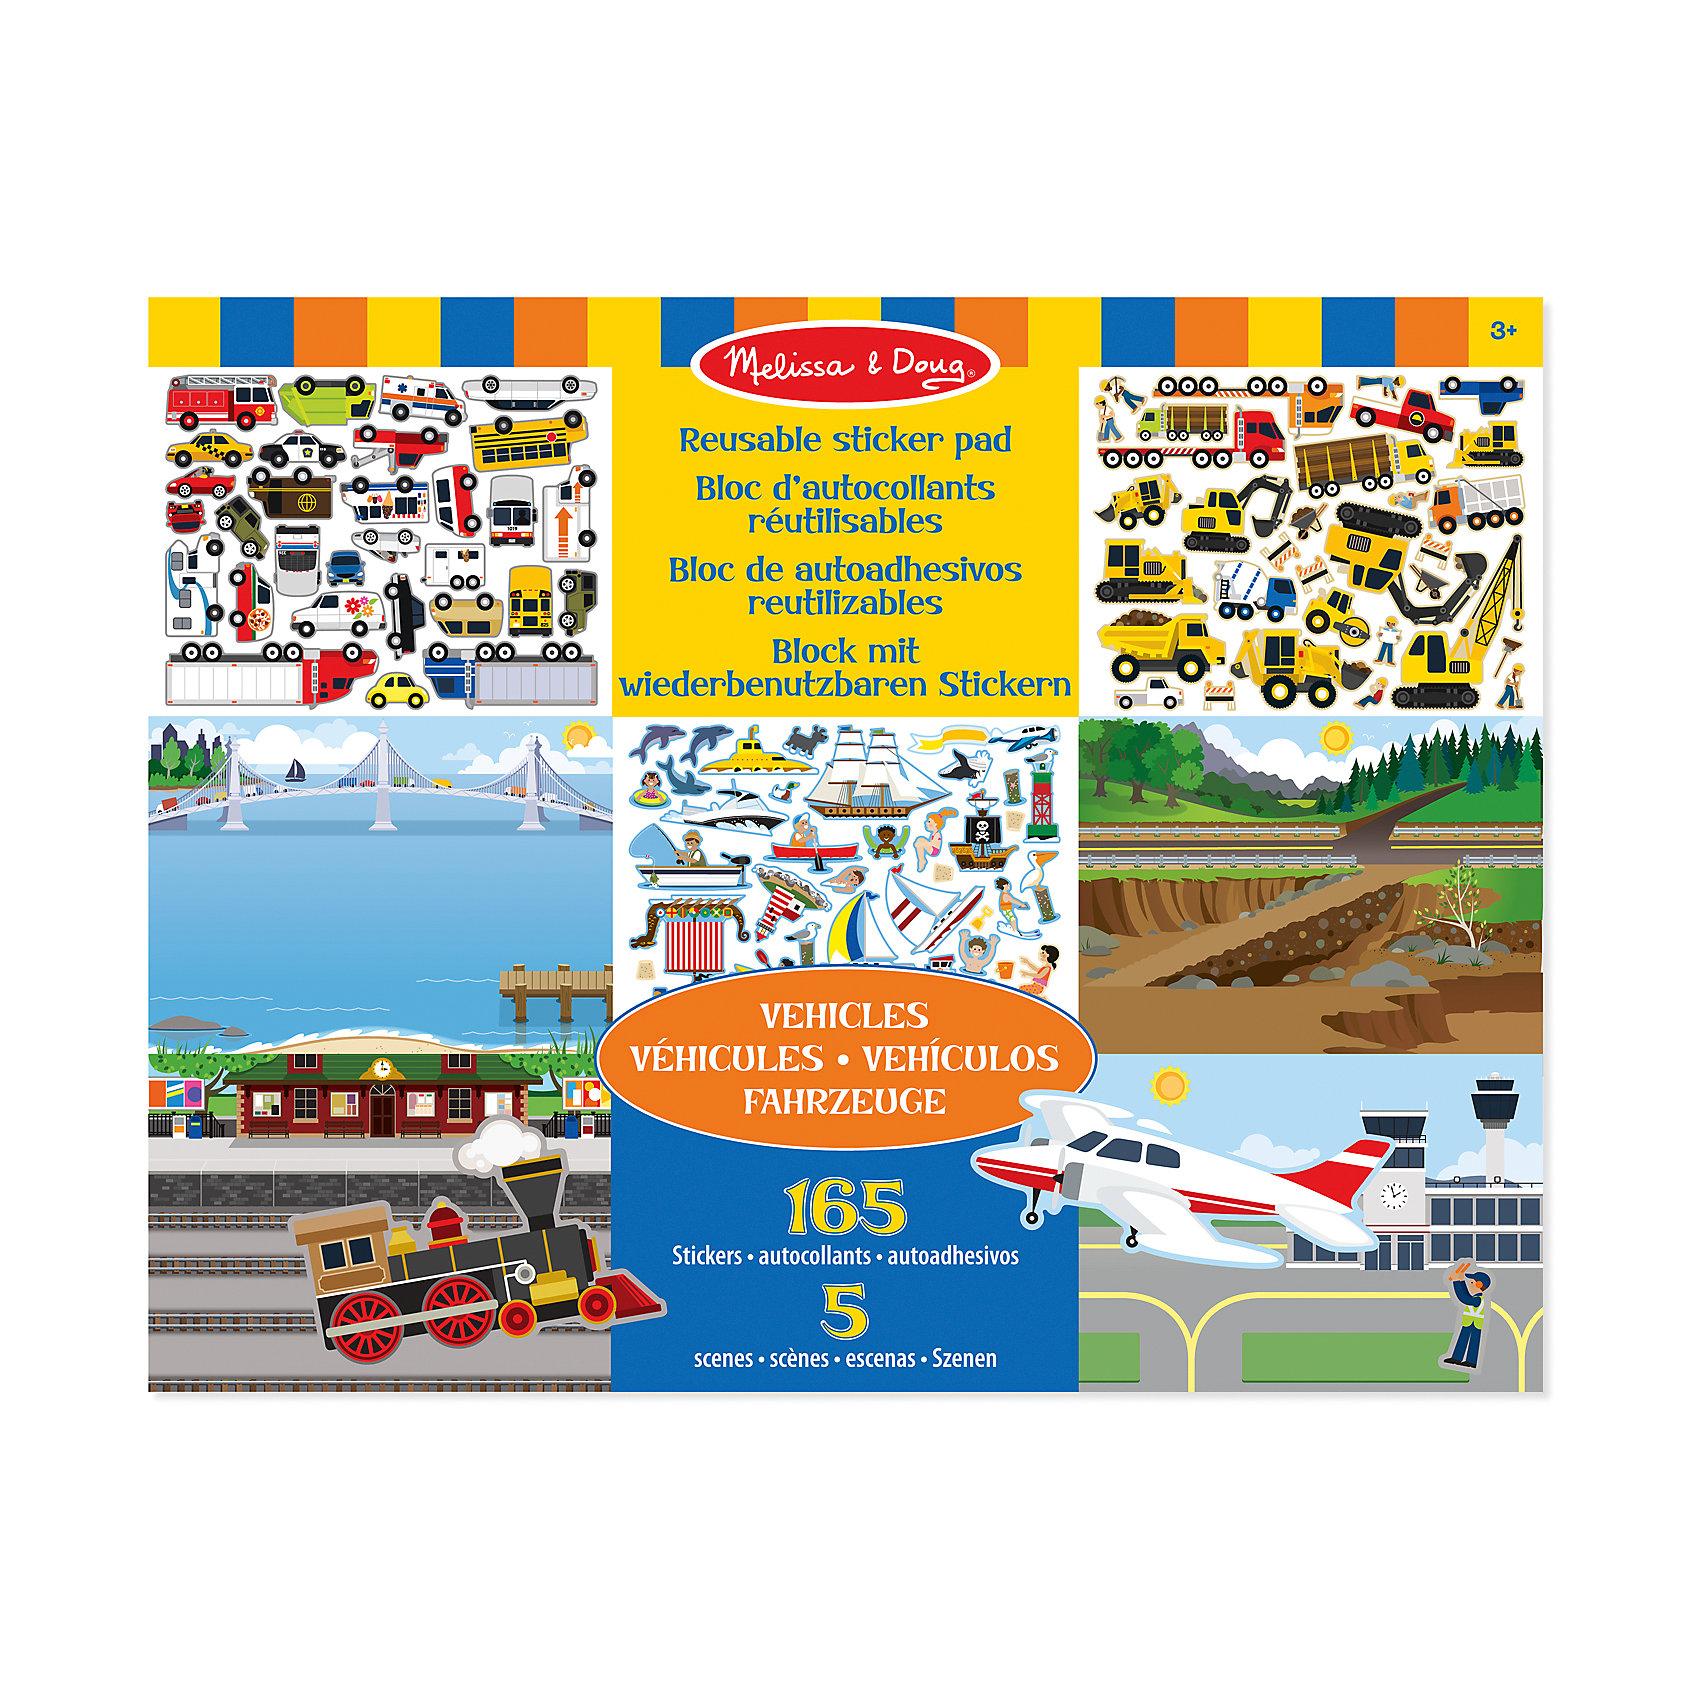 Набор со стикерами и фоном Транспорт, Melissa &amp; DougТворчество для малышей<br>Набор со стикерами и фоном Транспорт, Melissa &amp; Doug (Мелисса и Даг) содержит 5 глянцевых фонов различной местности, а также более 165 стикеров, с помощью которых Ваш ребенок придумает занимательные сюжеты на тему аэропорт, морской порт,  ж/д вокзал, строительная площадка, дорога. На картинках-фонах достаточно места, чтобы разместить разнообразный транспорт. Картинки-фоны отделяются друг от друга, а яркие стикеры легко отклеиваются снова и снова – «транспорт» можно перемещать из сюжета в сюжет! Занятие с творческим набором  стикеров и фоном «Транспорт» способствует развитию мелкой моторики, фантазии, творческого мышления, художественных навыков и эстетического вкуса.<br><br>Комплектация: 5 фонов, более 165 стикеров транспорта<br><br>Дополнительная информация:<br>-Размер альбома: 35,5х28 см<br>-Вес: 0,6 кг<br>-Материал: бумага, картон<br><br>С помощью красочного набора изображений фона и многоразовых наклеек на тему «Транспорт» можно создать удивительный пейзаж и придумать множество увлекательных игр. <br><br>Набор со стикерами и фоном Транспорт, Melissa &amp; Doug (Мелисса и Даг) можно купить в нашем магазине.<br><br>Ширина мм: 360<br>Глубина мм: 360<br>Высота мм: 280<br>Вес г: 560<br>Возраст от месяцев: 36<br>Возраст до месяцев: 180<br>Пол: Унисекс<br>Возраст: Детский<br>SKU: 4008277